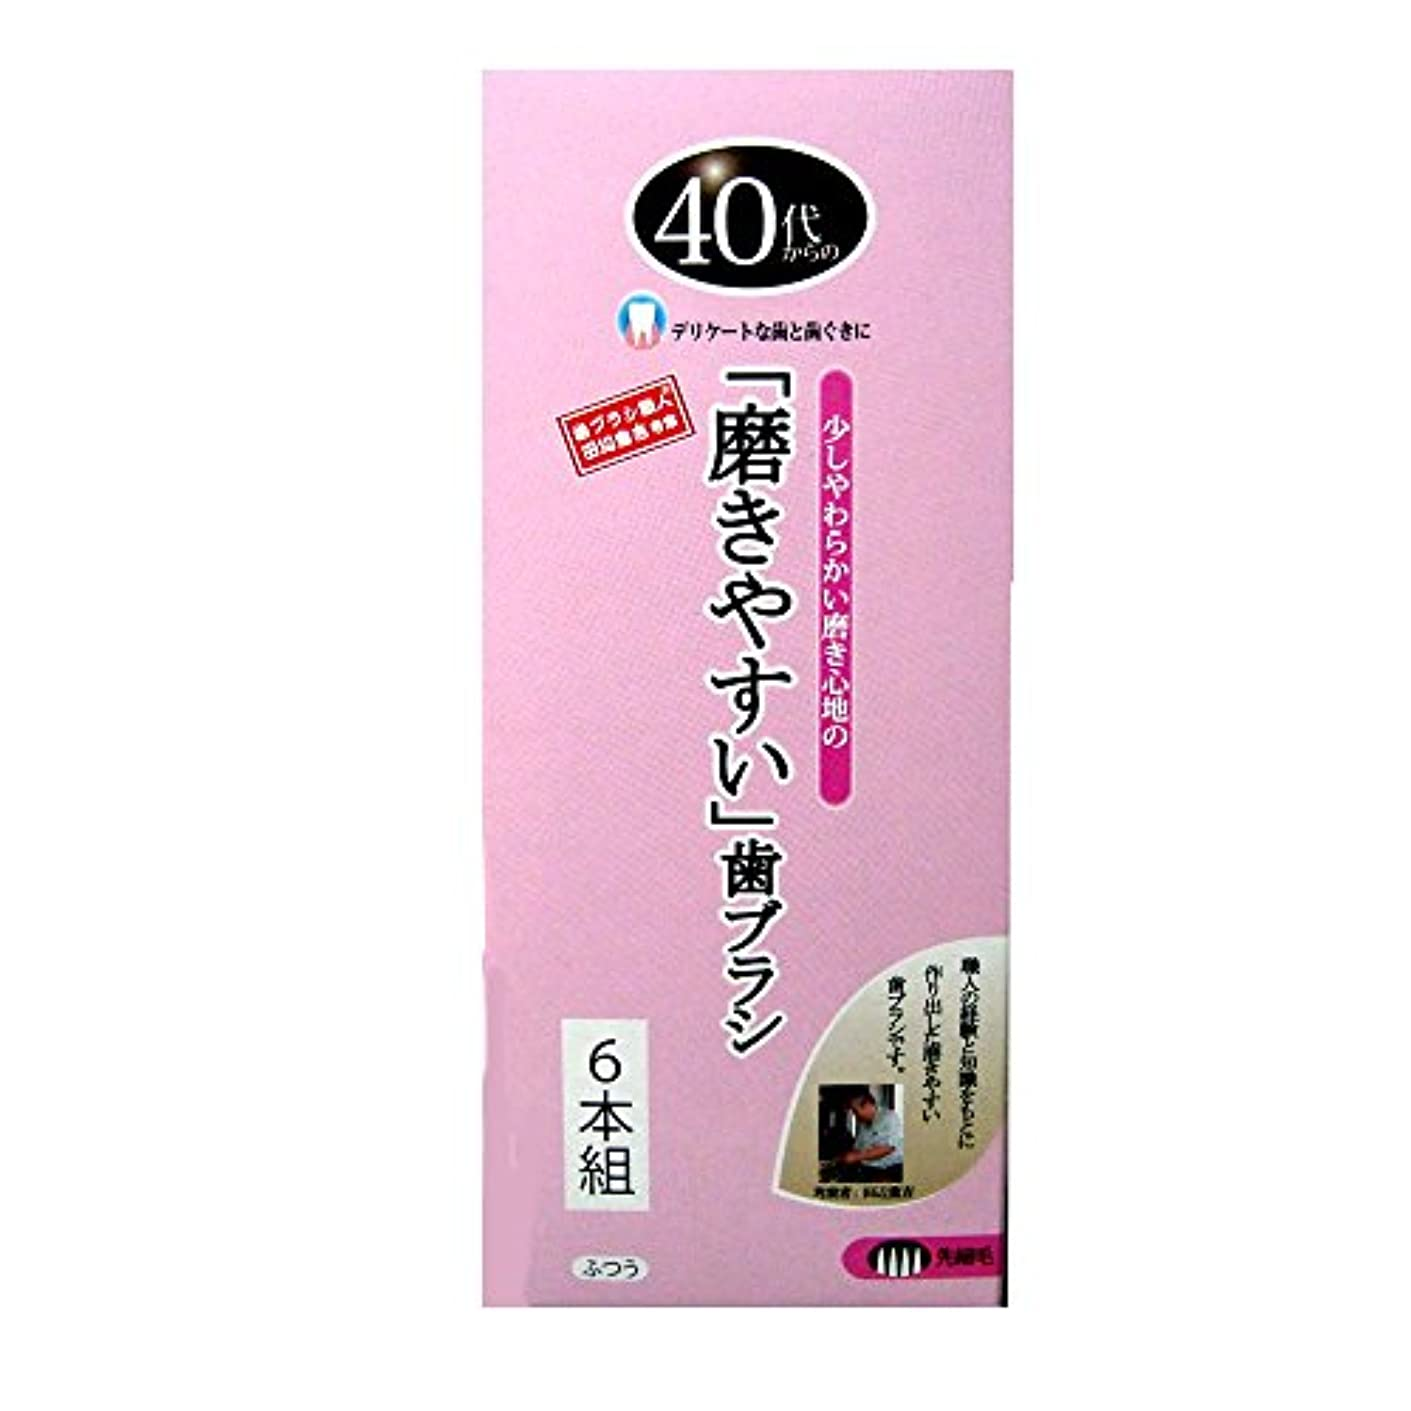 ライフレンジ 磨きやすい歯ブラシ 40代から ふつう LT-115 6本組 4560292169909